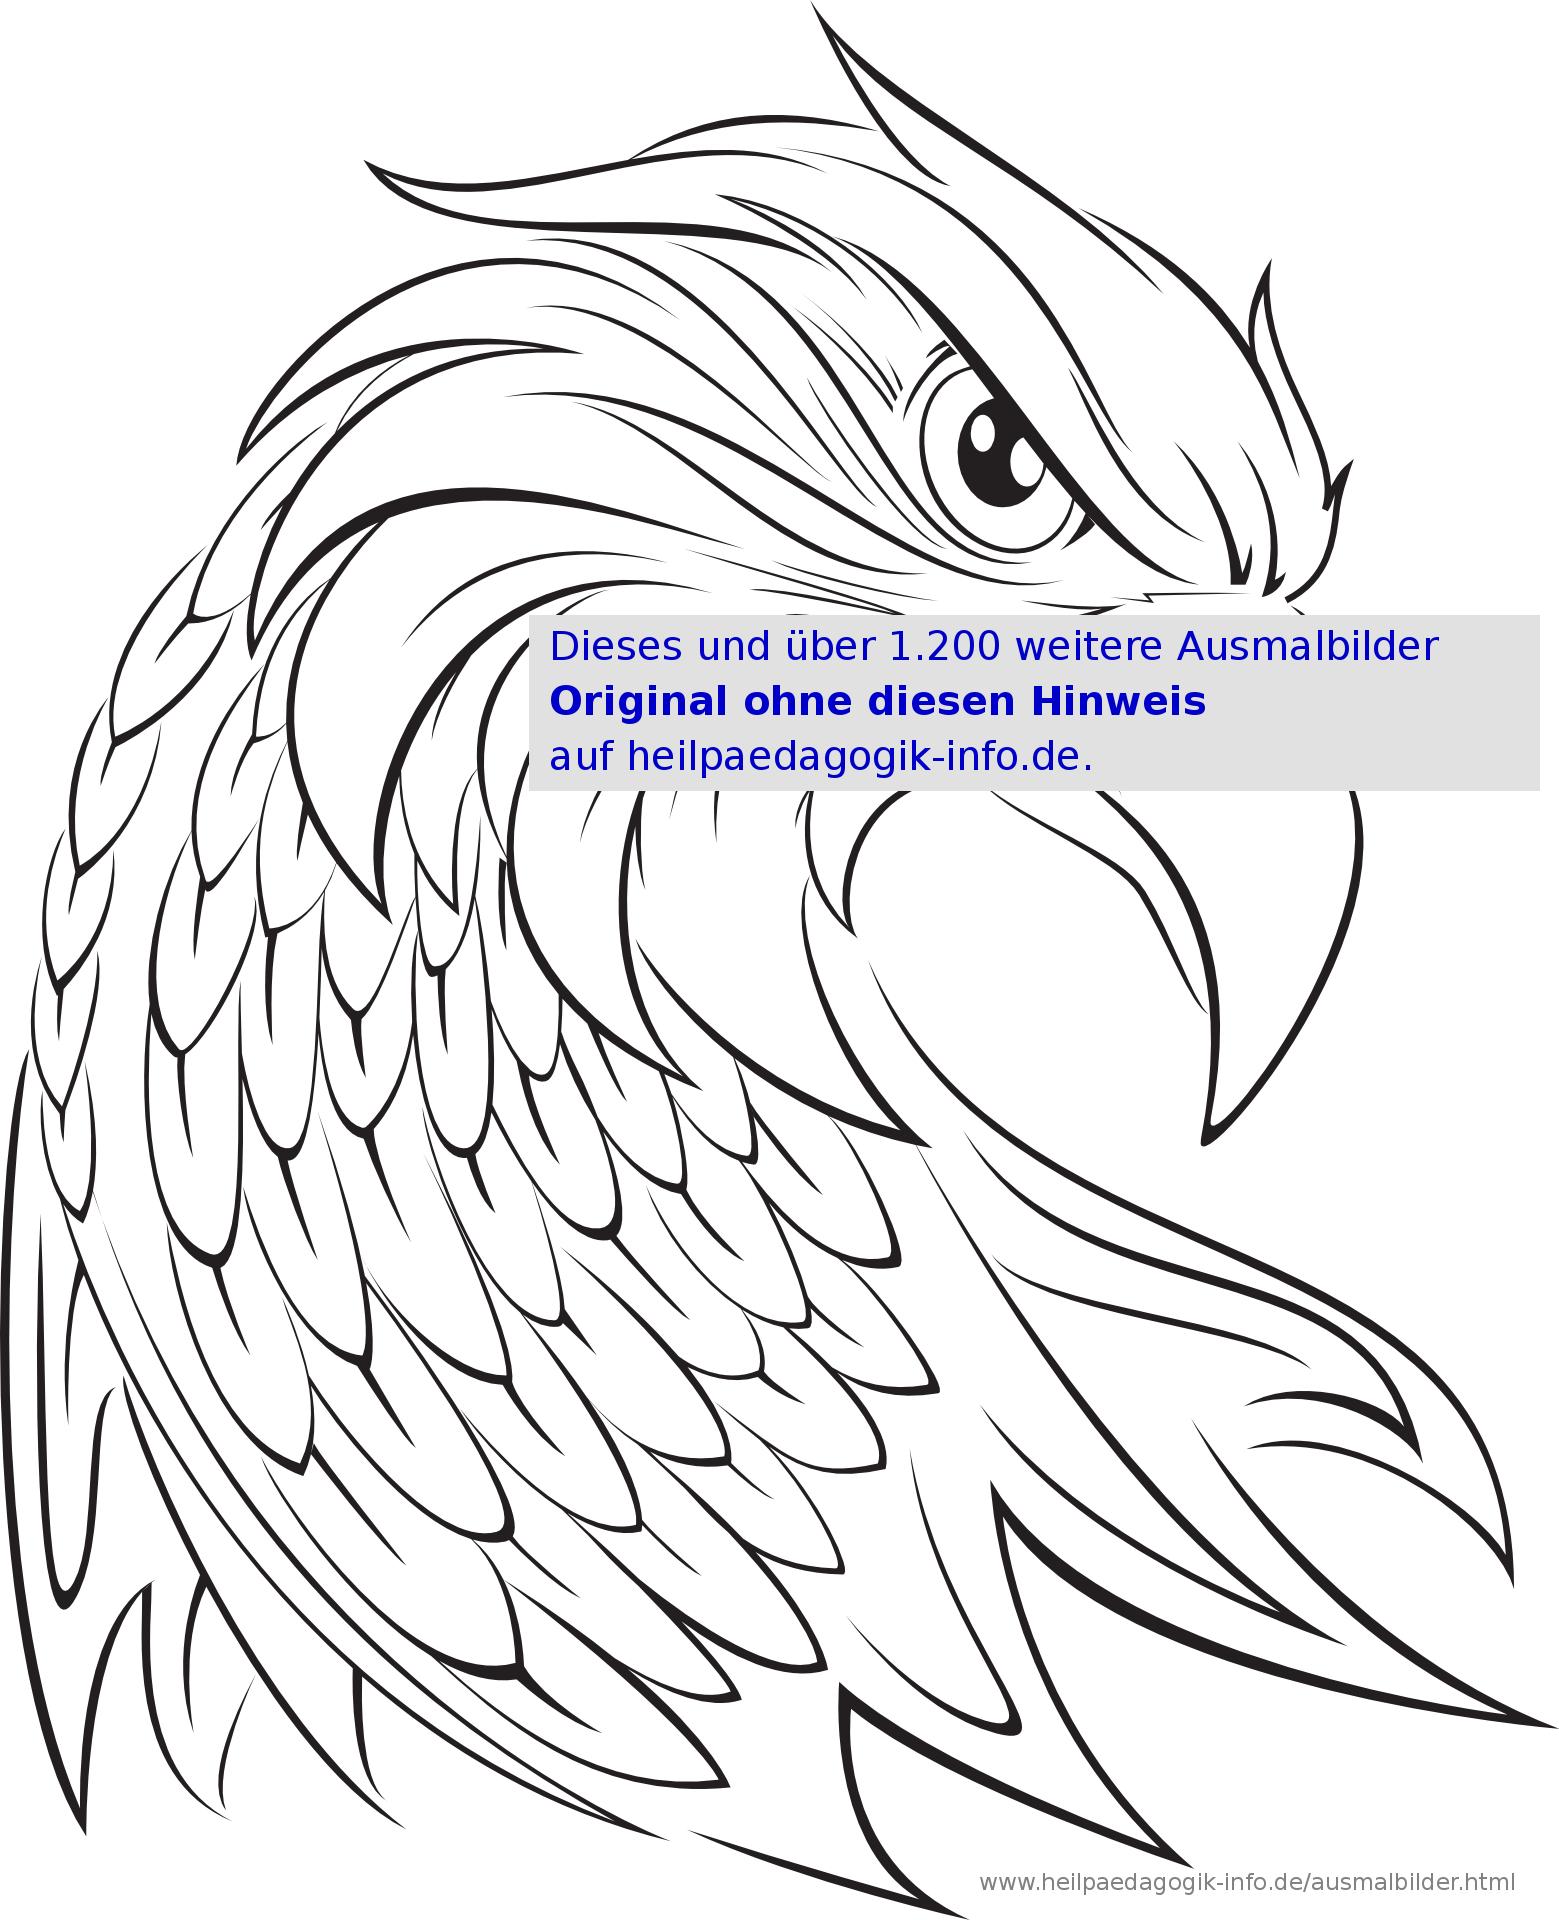 Ausmalbilder Vögel innen Ausmalbilder Adler